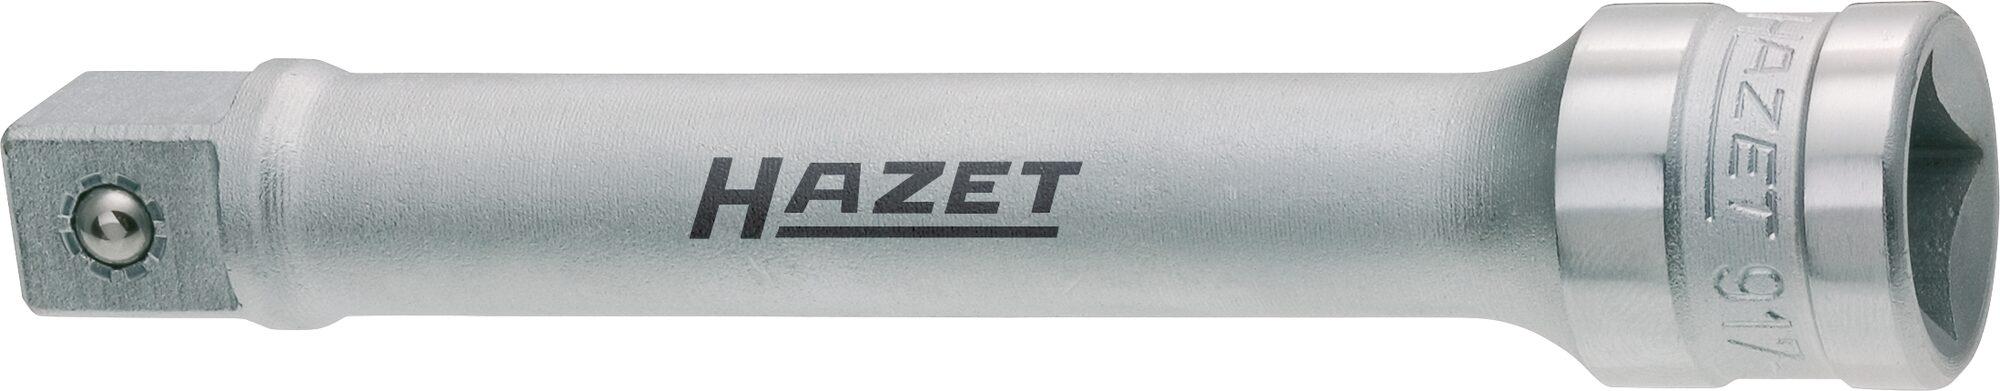 HAZET Verlängerung 917-5 ∙ Vierkant hohl 12,5 mm (1/2 Zoll) ∙ Vierkant massiv 12,5 mm (1/2 Zoll)